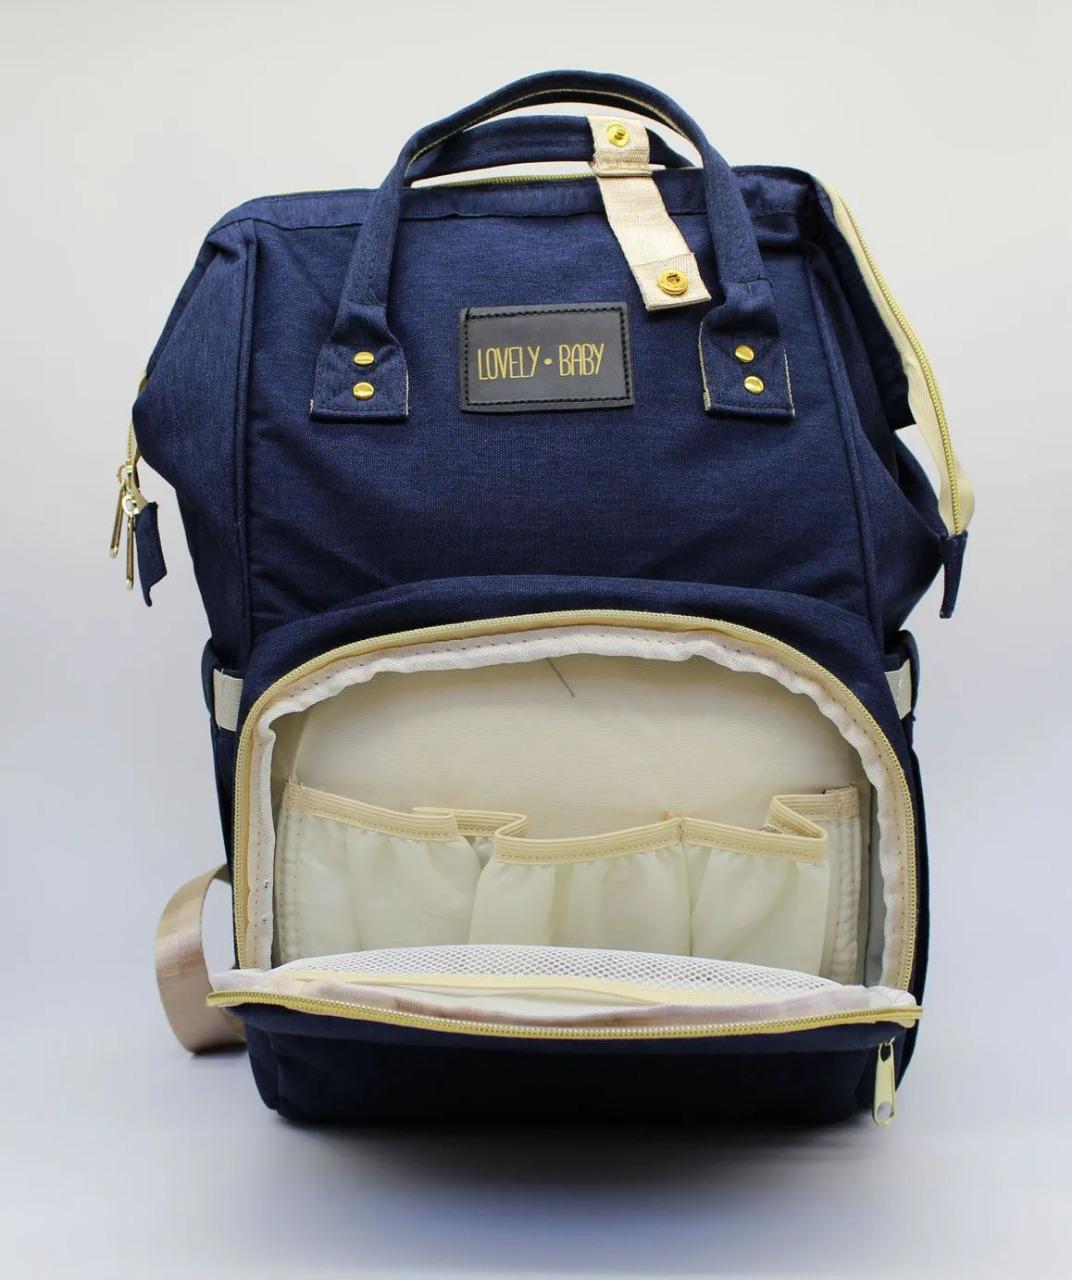 Bolsa E Mochila De Maternidade Impermeavel Com Compartimento Térmico Azul Marinho/Rose Lovely Baby